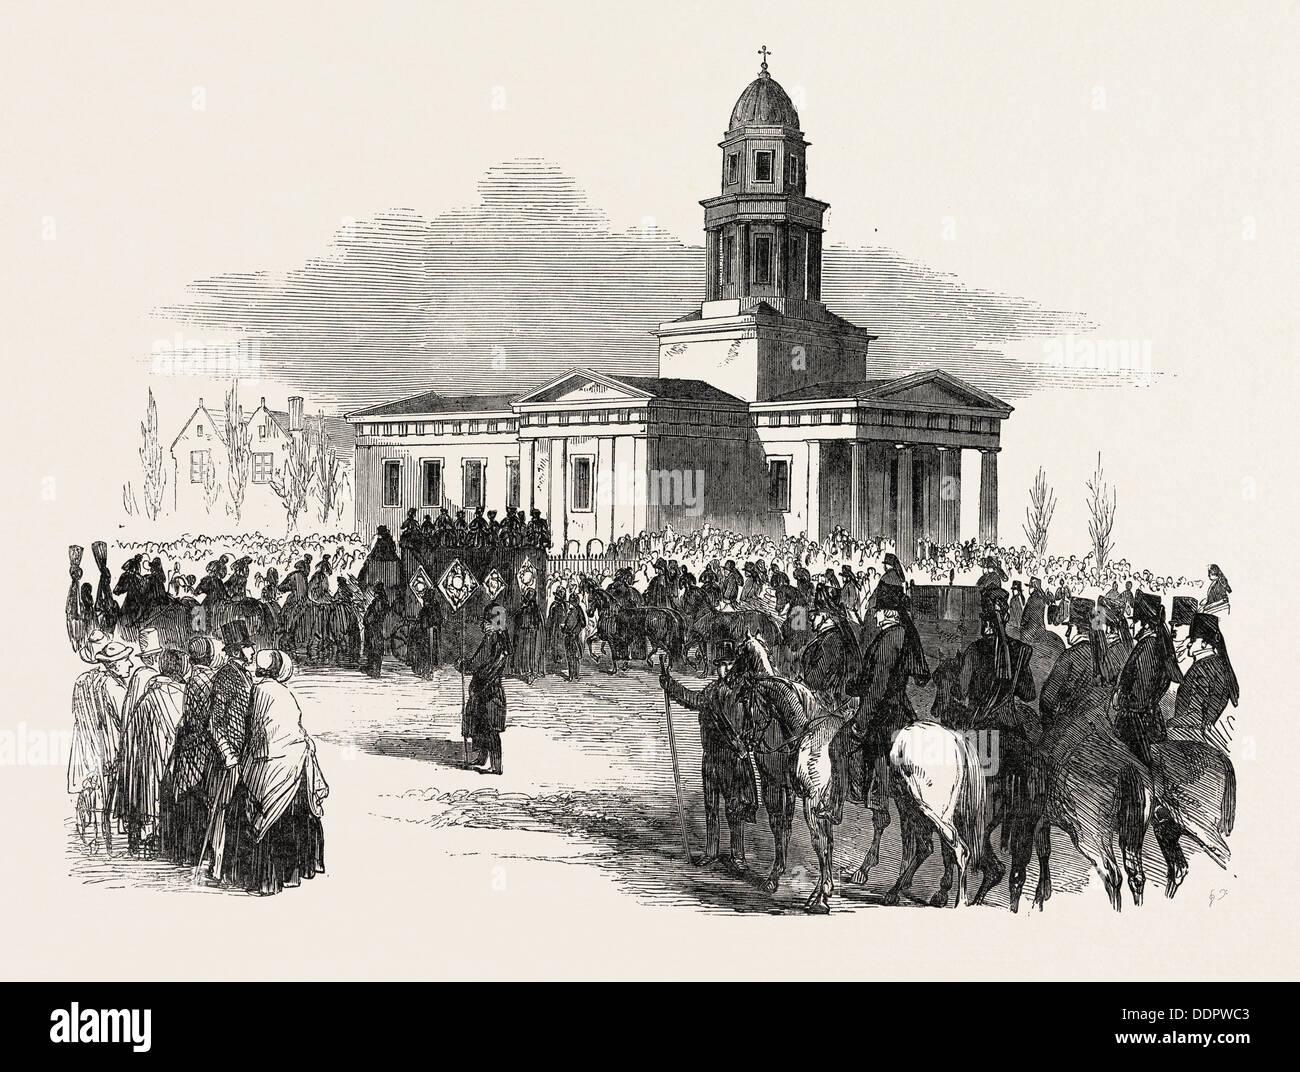 Beerdigung von der spät Herzog von NEWCASTLE, in MARKHAM-CLINTON, UK, 1851 Gravur Stockbild